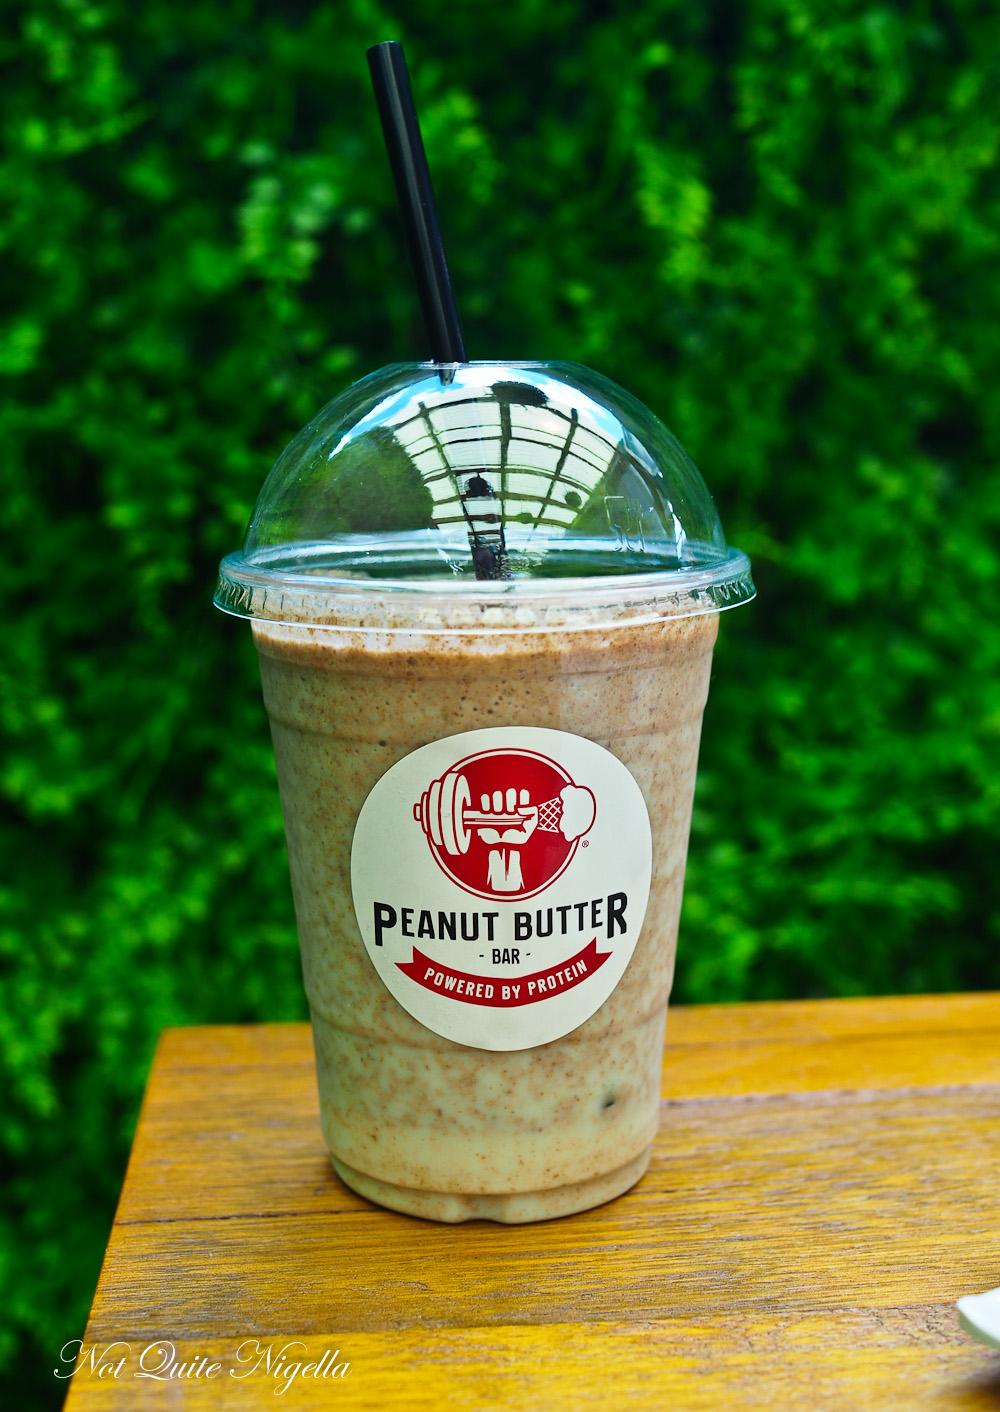 Peanut Butter Bar Leichhardt